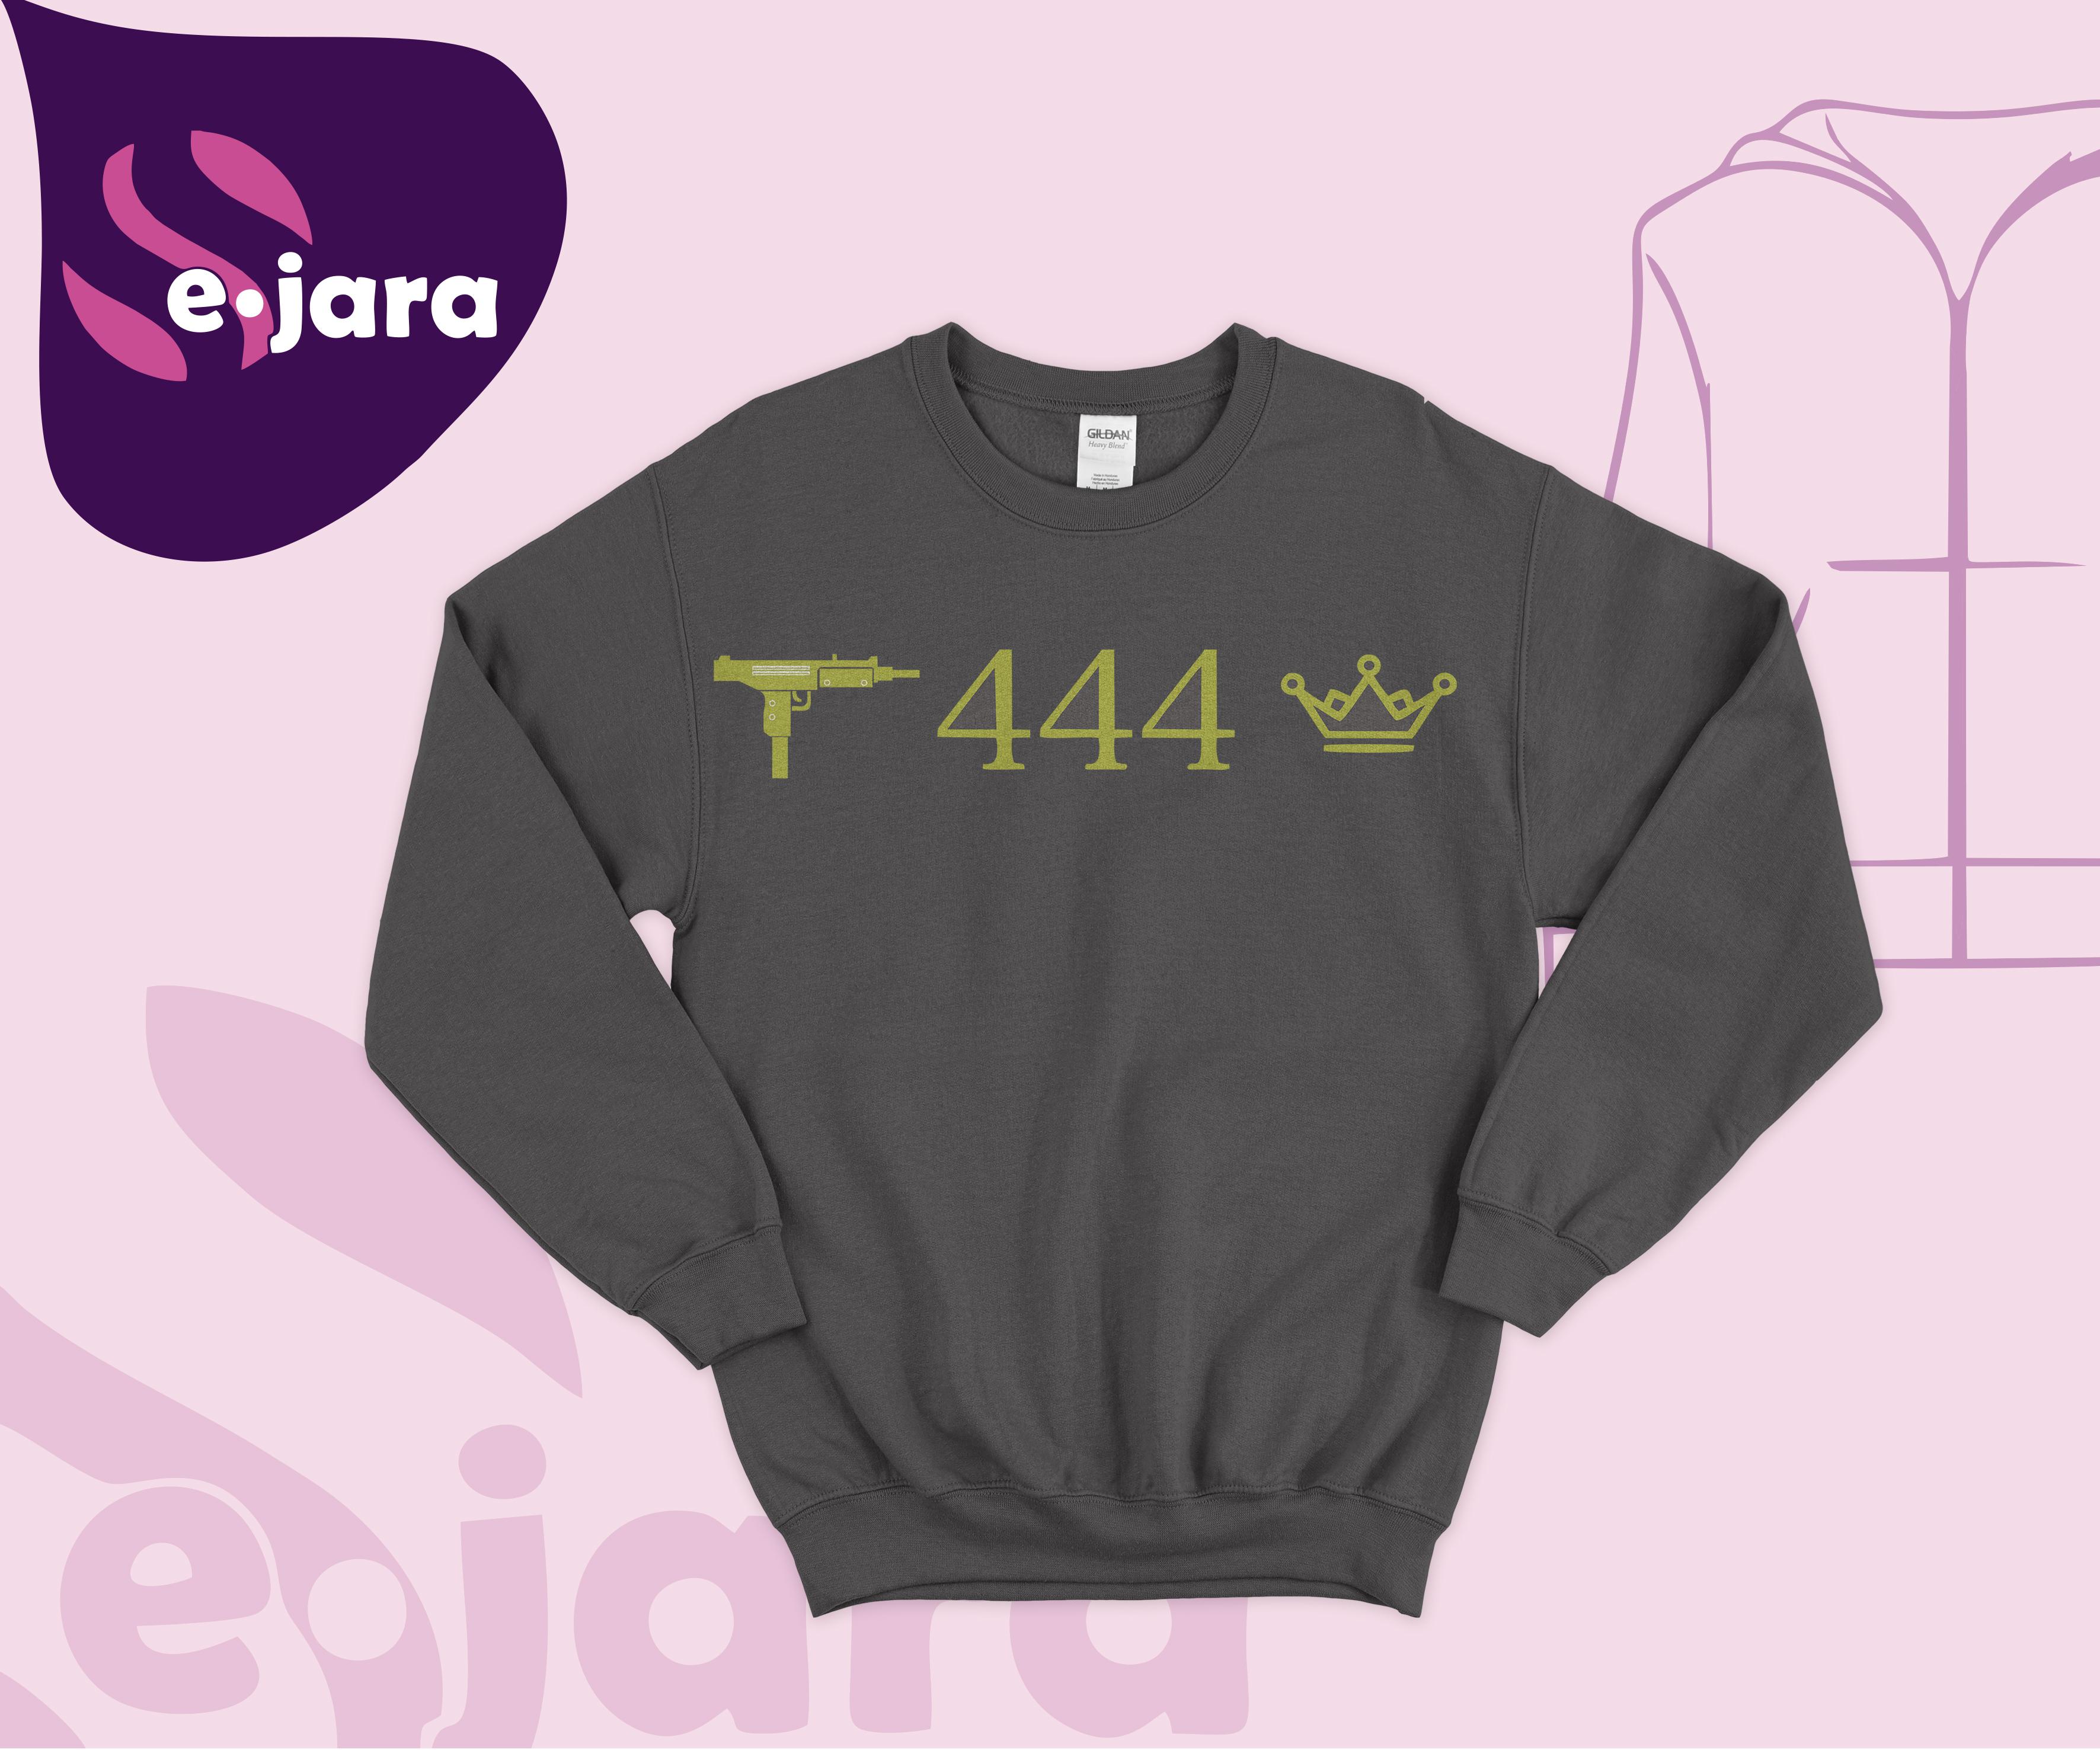 Gera 444